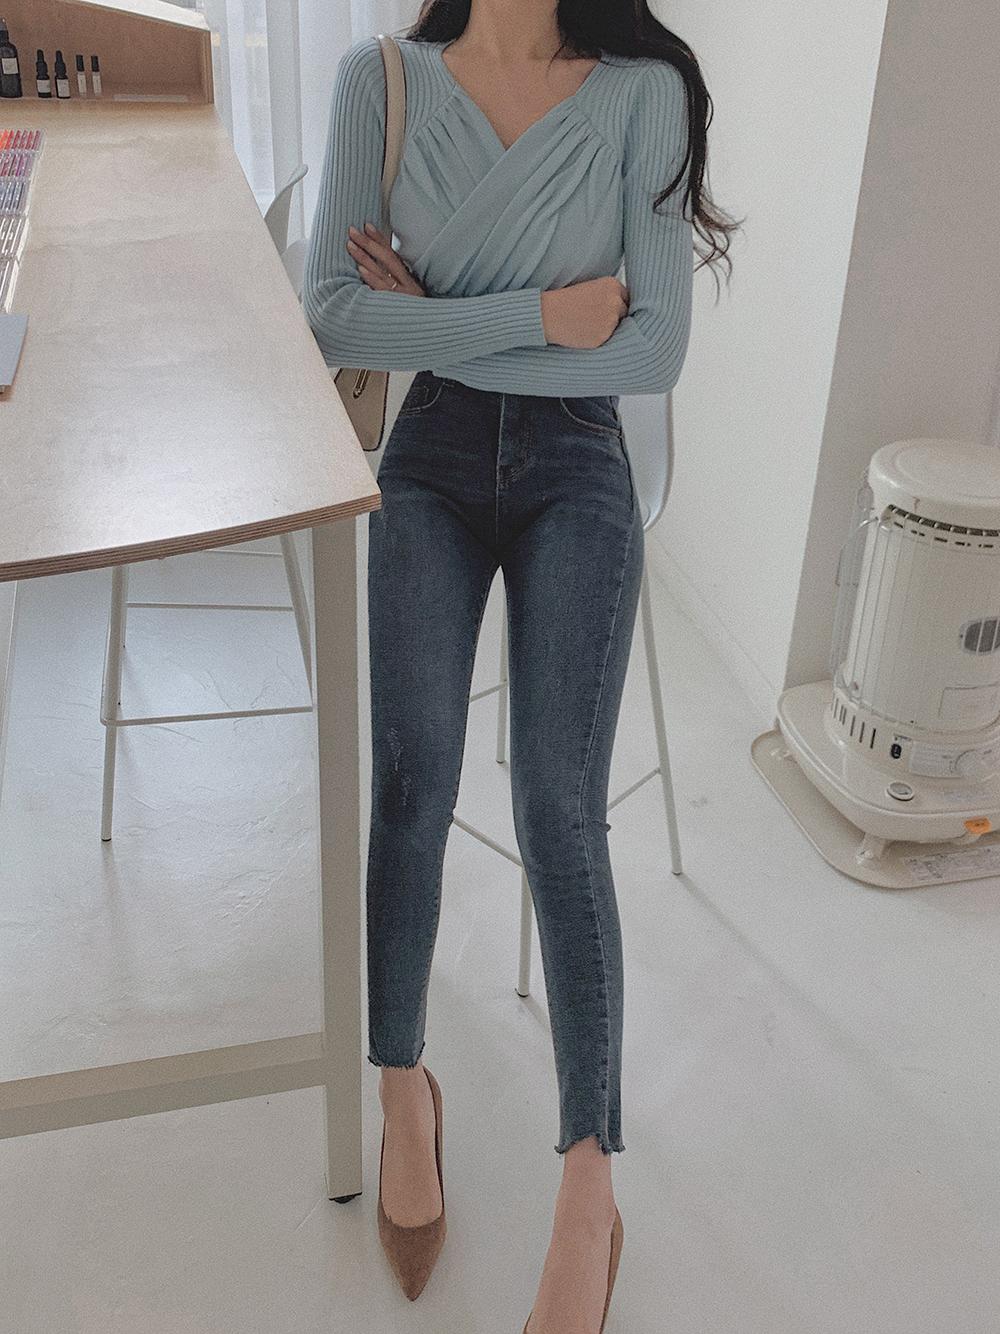 韓国 ファッション トップス ニット セーター 春 夏 秋 カジュアル PTXJ581  カシュクール リブニット ハイウエスト Vネック オルチャン シンプル 定番 セレカジの写真9枚目